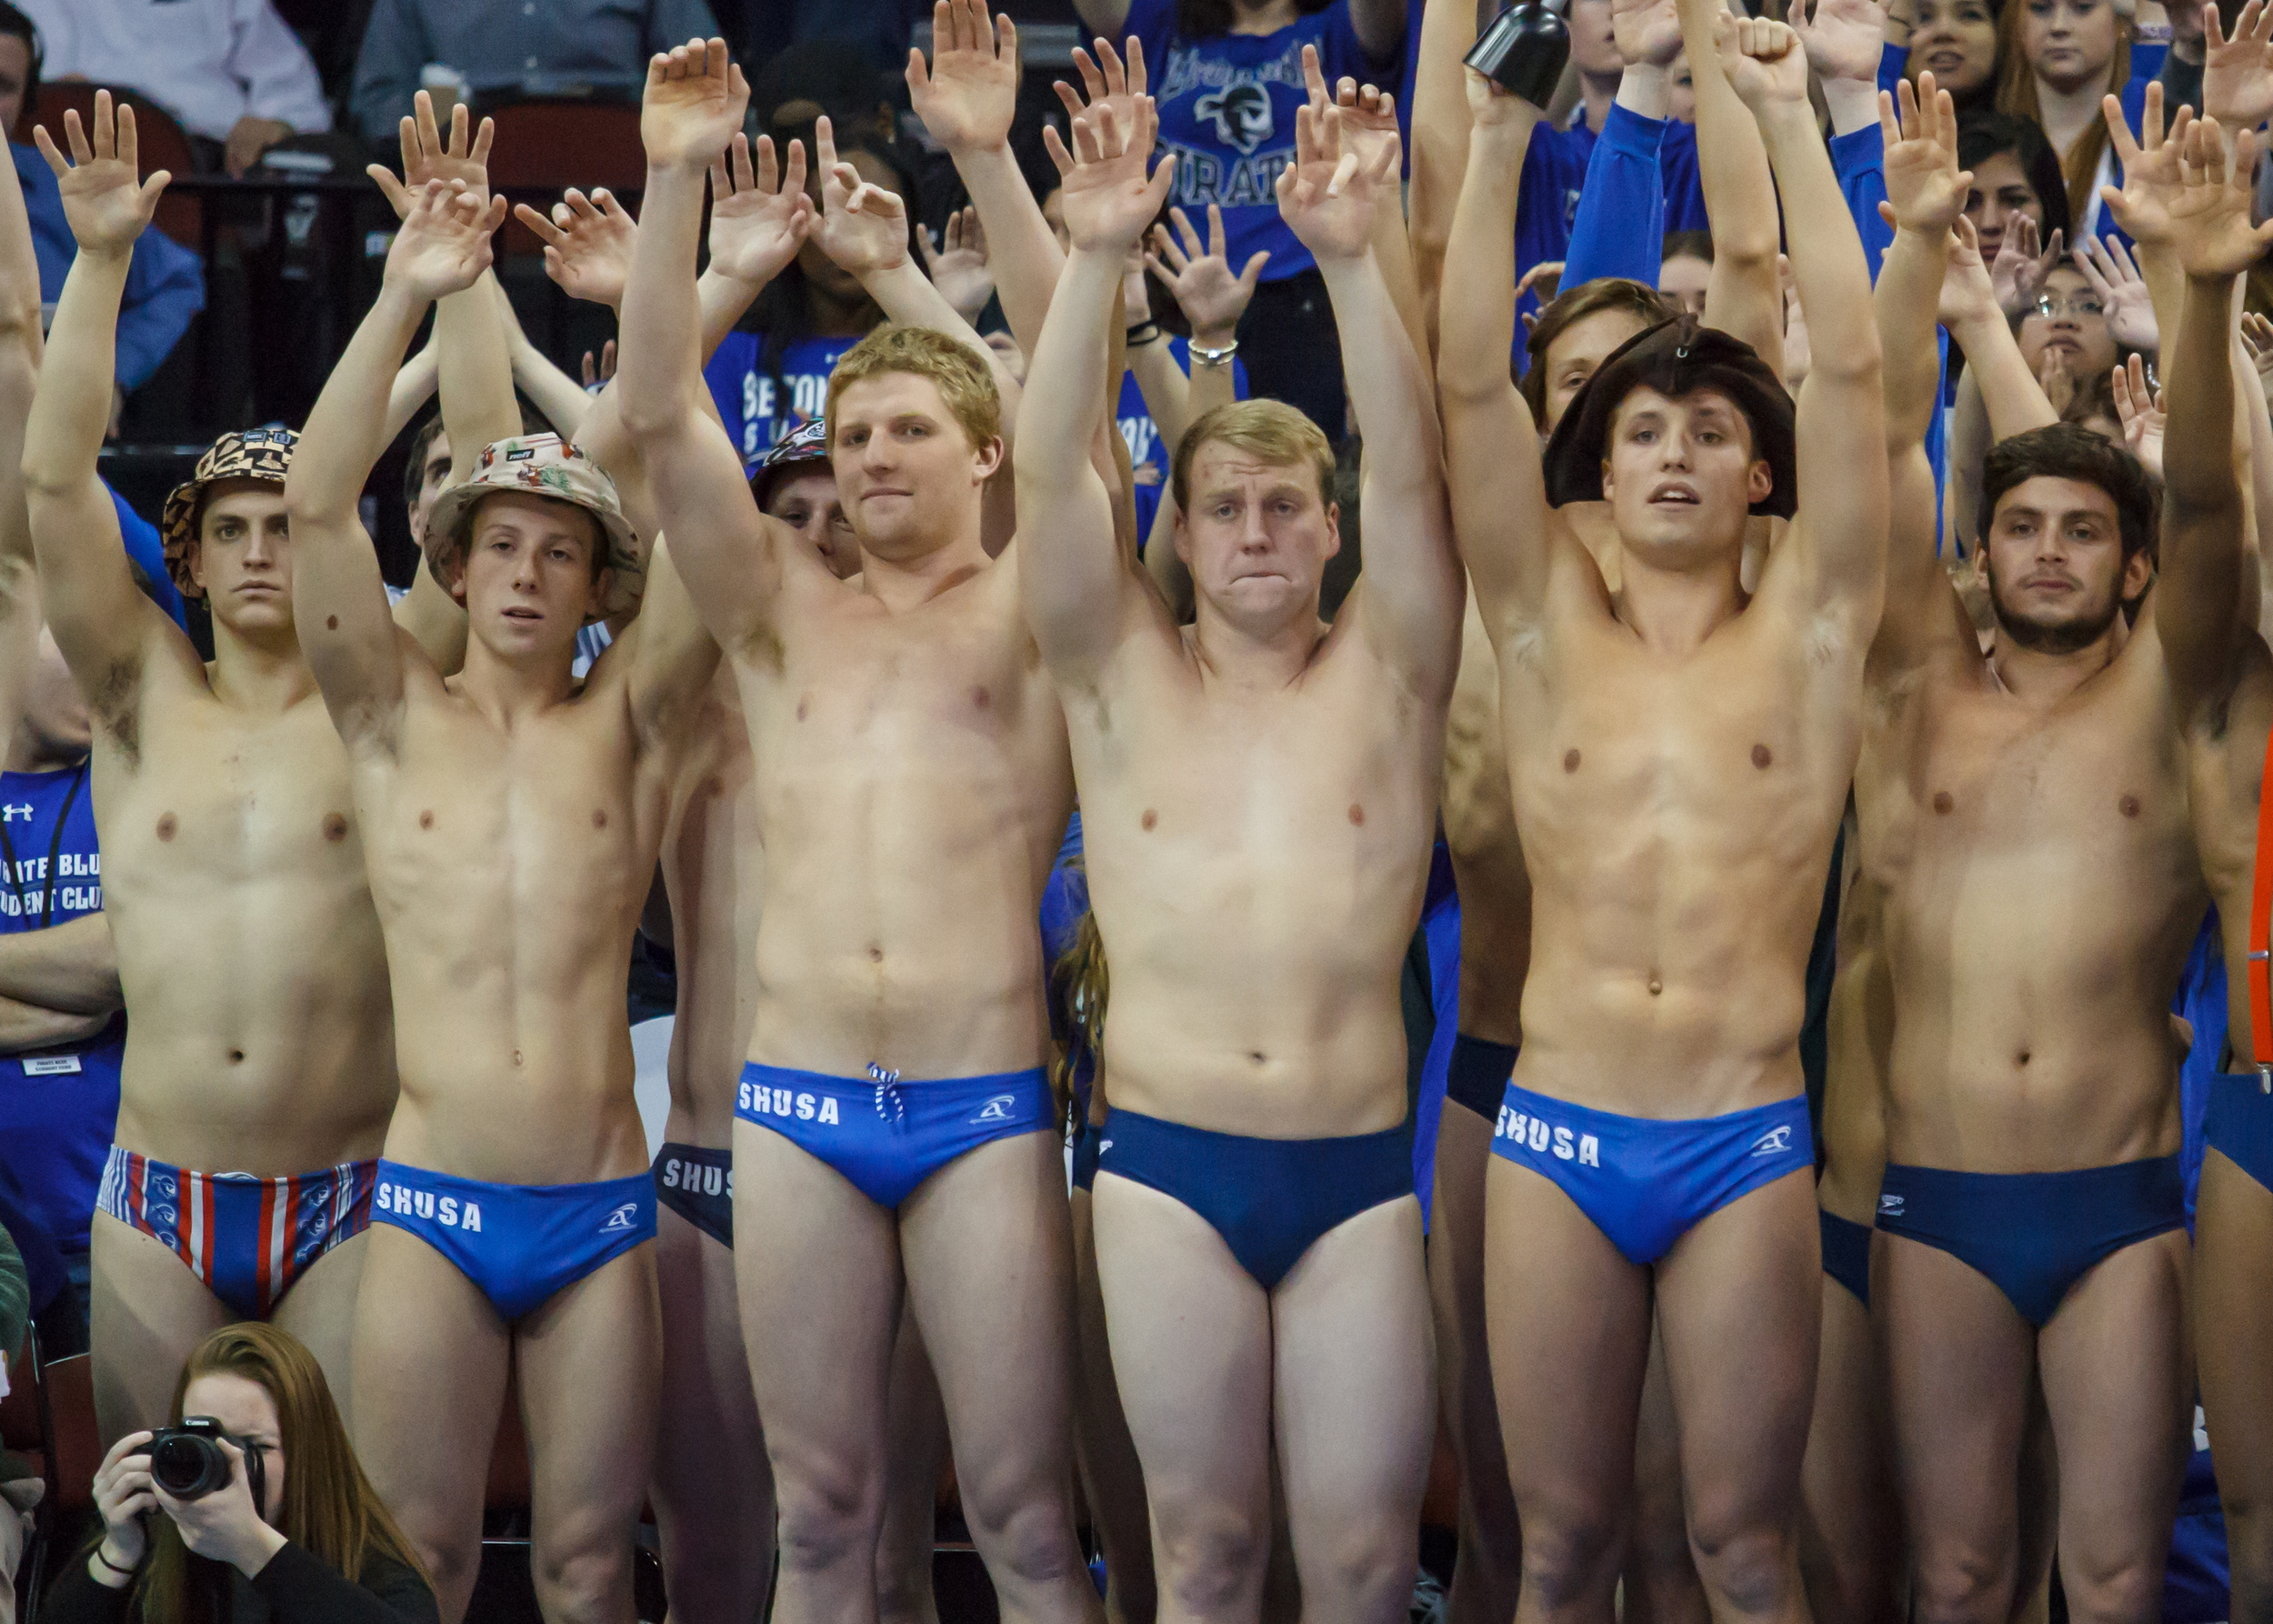 Seton Hall fans showing their school spirit.